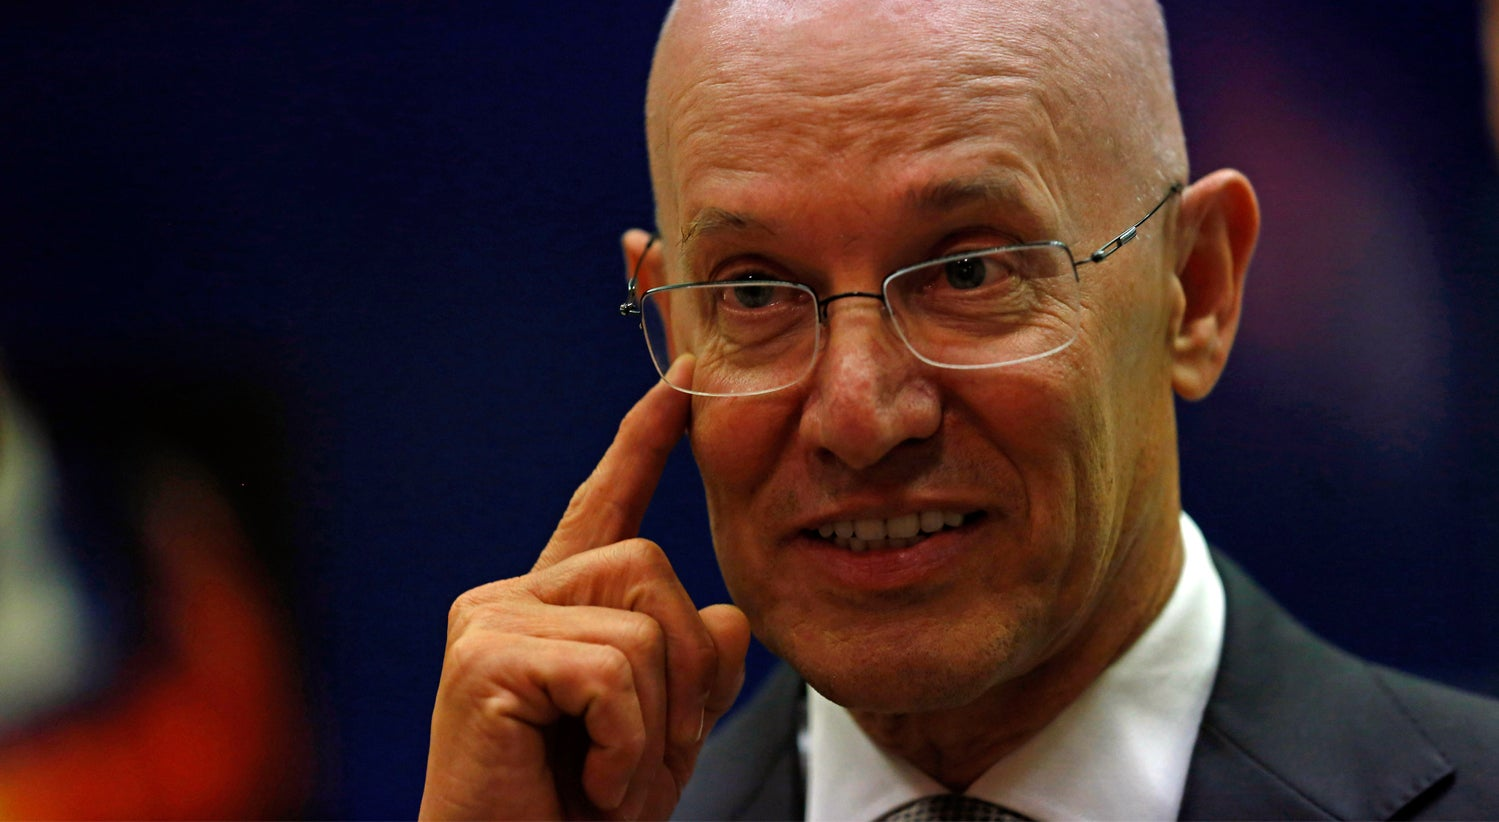 Vítor Bento à RTP: a grande novidade é a conversão do PCP e do BE à austeridade